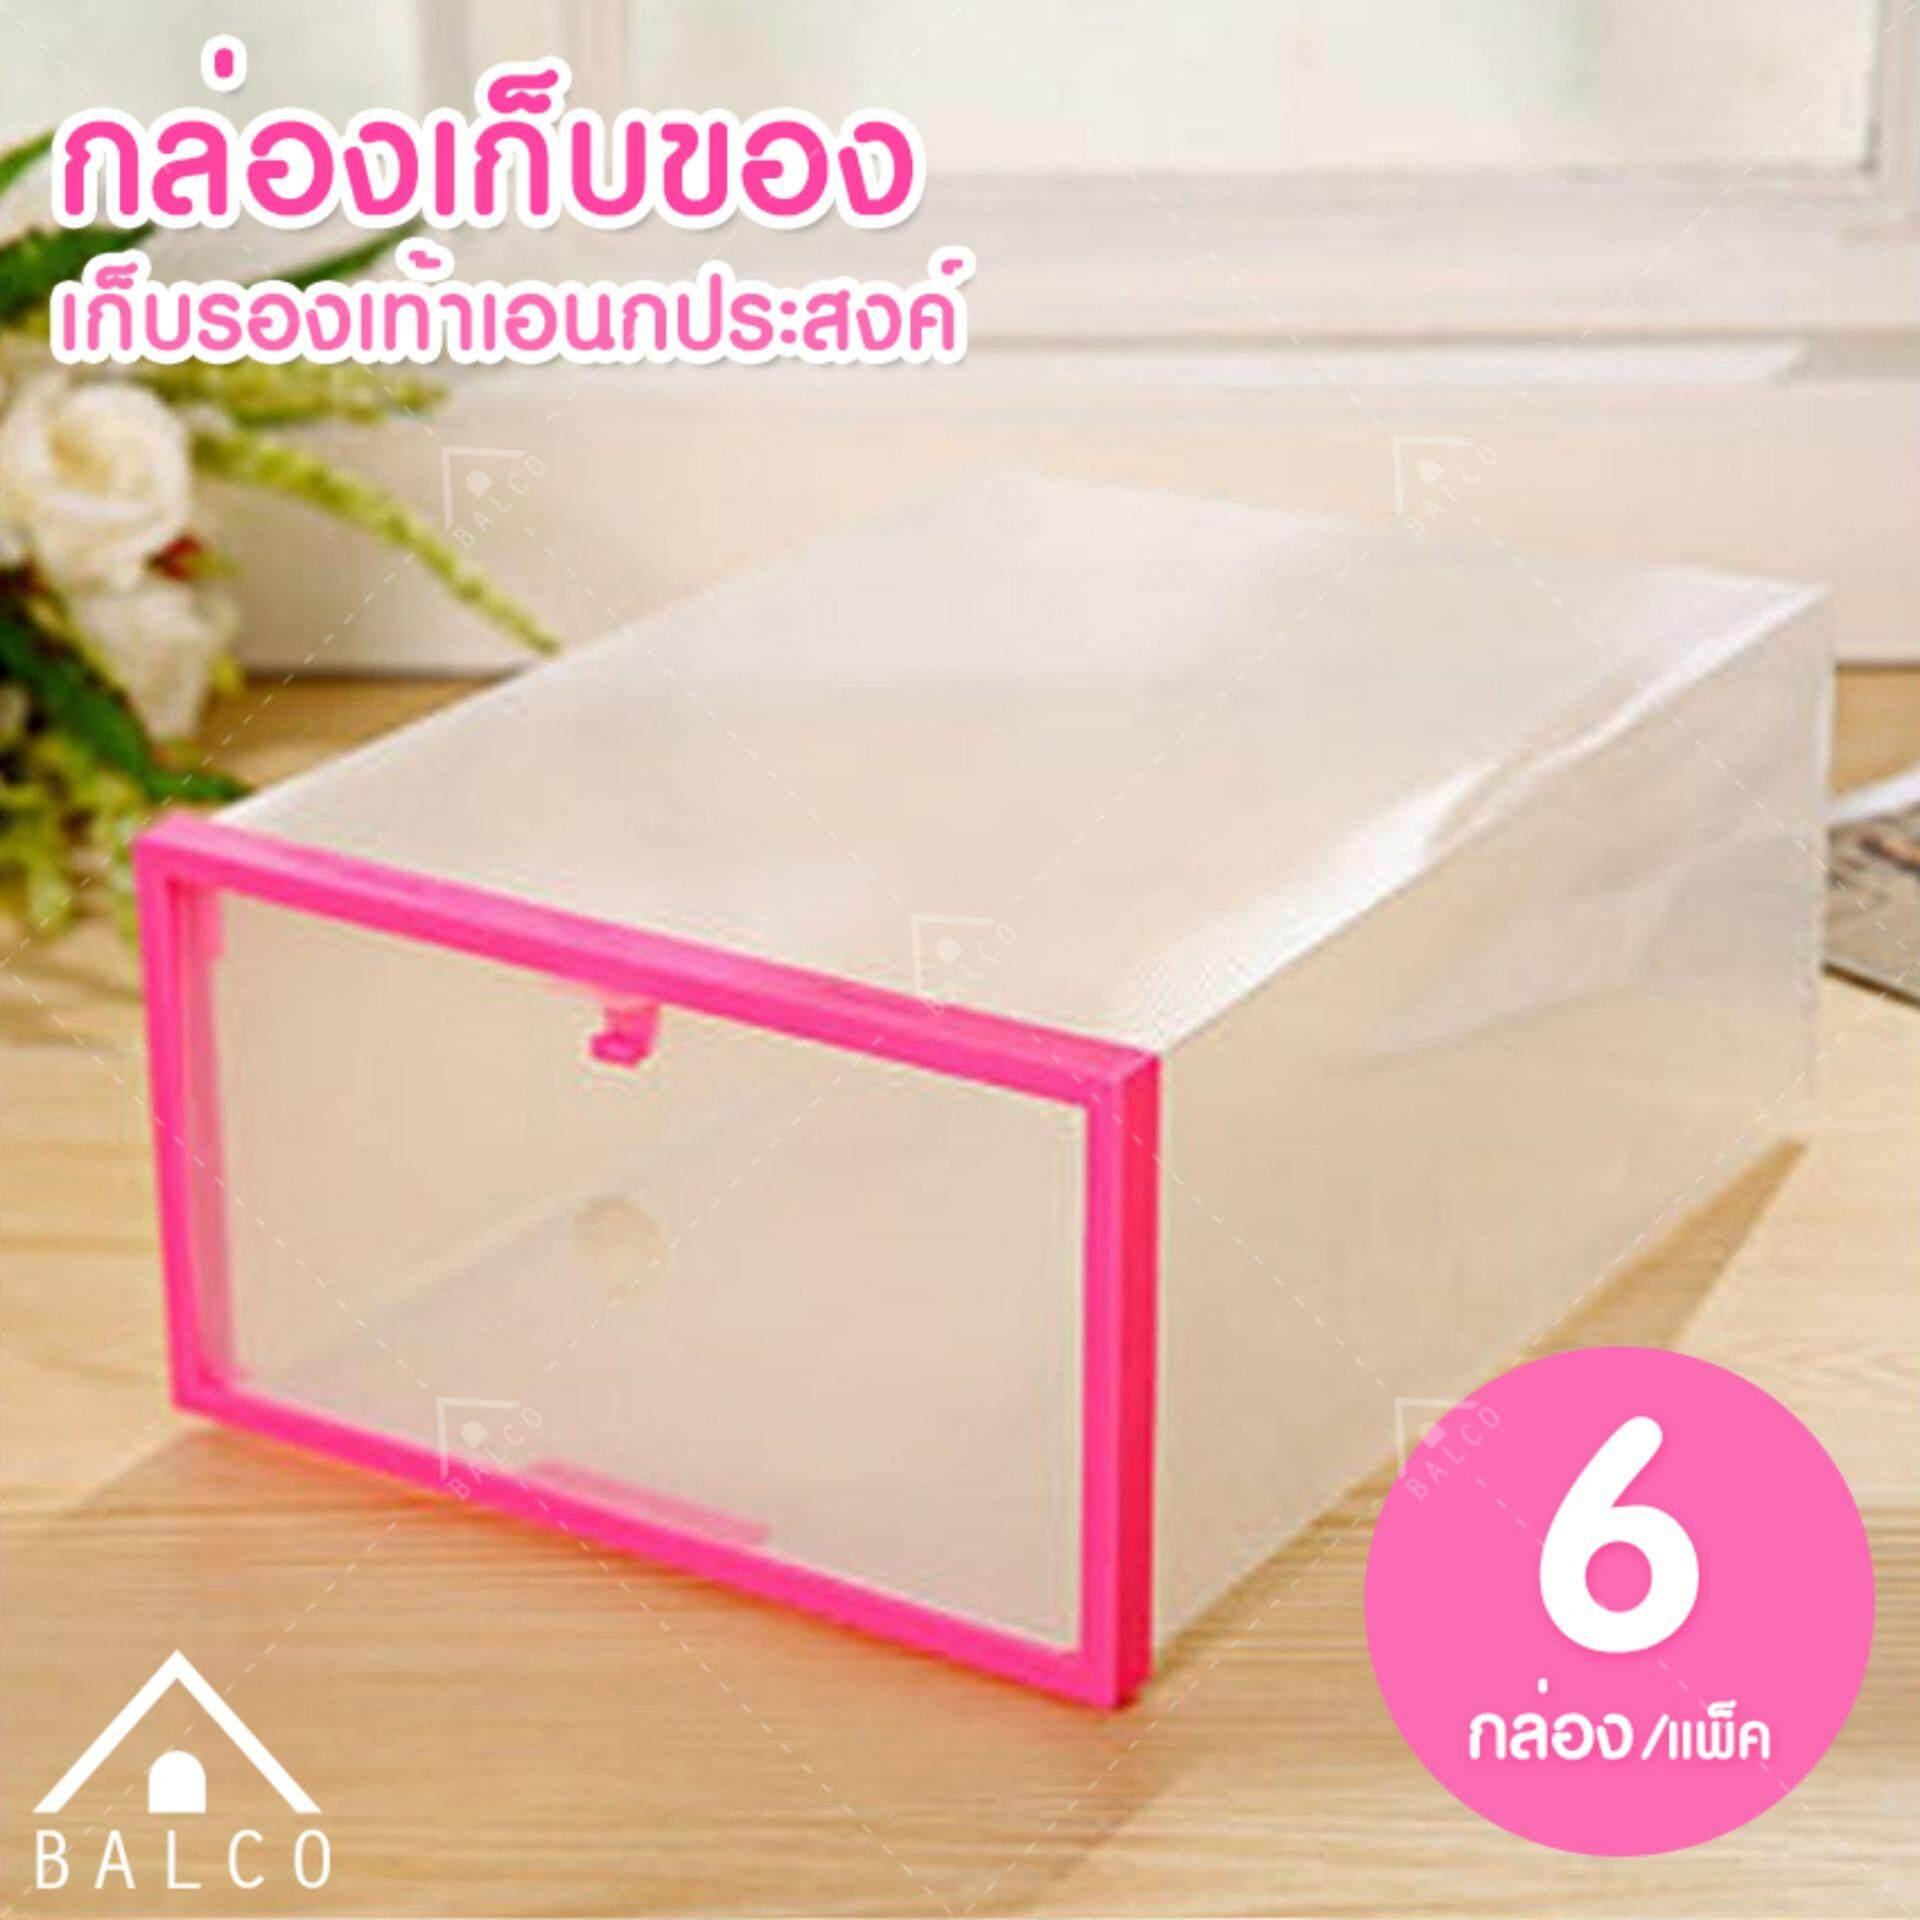 ซื้อ Balco ชุด กล่องรองเท้า กล่องเก็บรองเท้า กล่องเอนกประสงค์ พลาสติค น้ำหนักเบา ประกอบ เปิดปิดง่าย ช่วยจัดระเบียบให้คุณ รุ่น Kdh 0062 ขอบชมพู 1 ชุดมี 6 กล่อง ใน กรุงเทพมหานคร